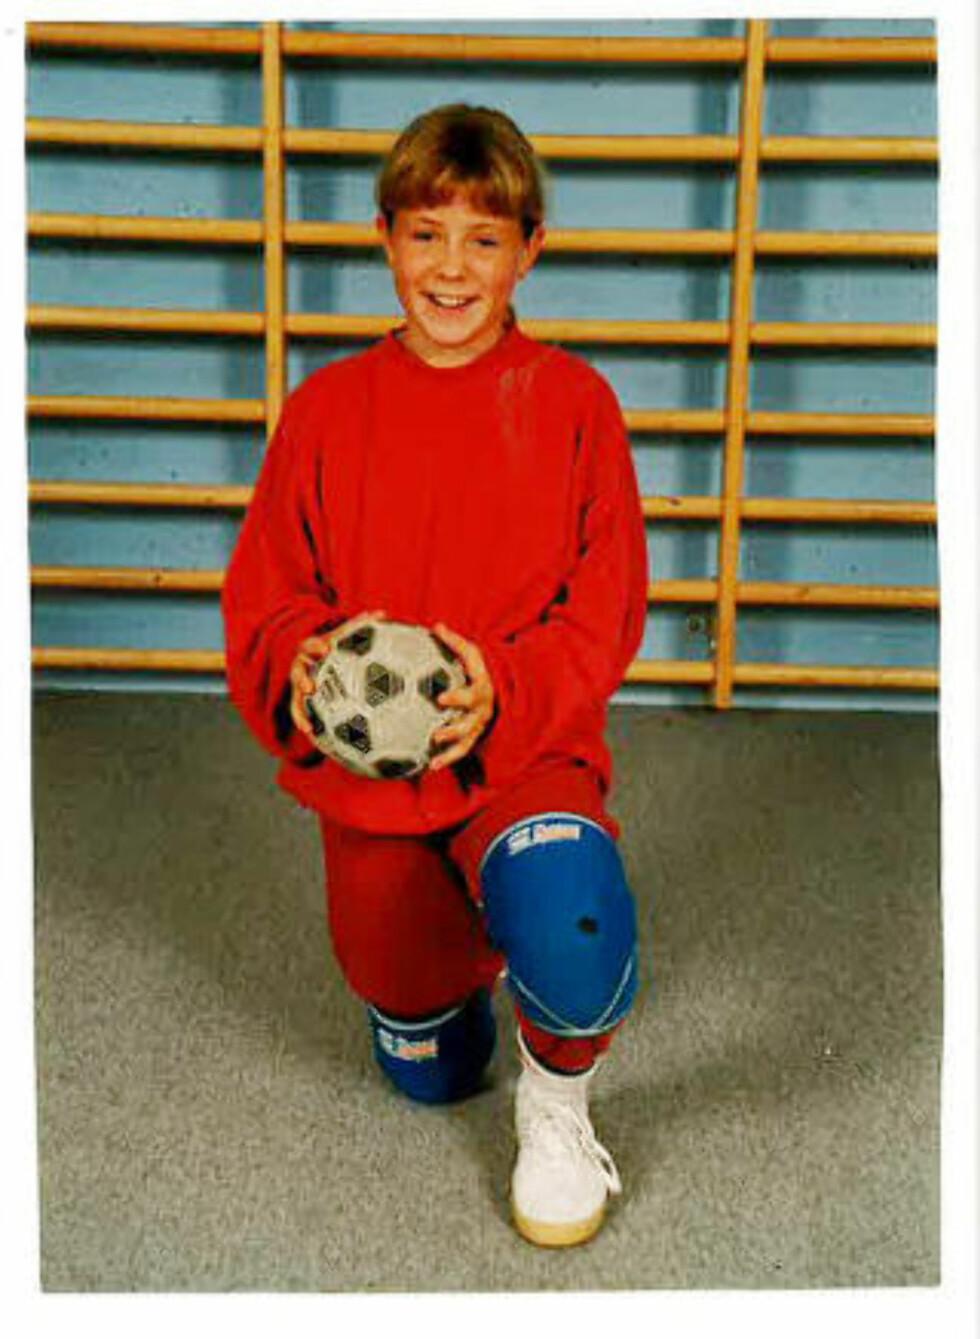 HÅNDBALLJENTE: Musikk og idrett har alltid stått sentralt i Lene Alexandras liv. Her er hun på håndballcup i Skien som 10-åring. Foto: Privat